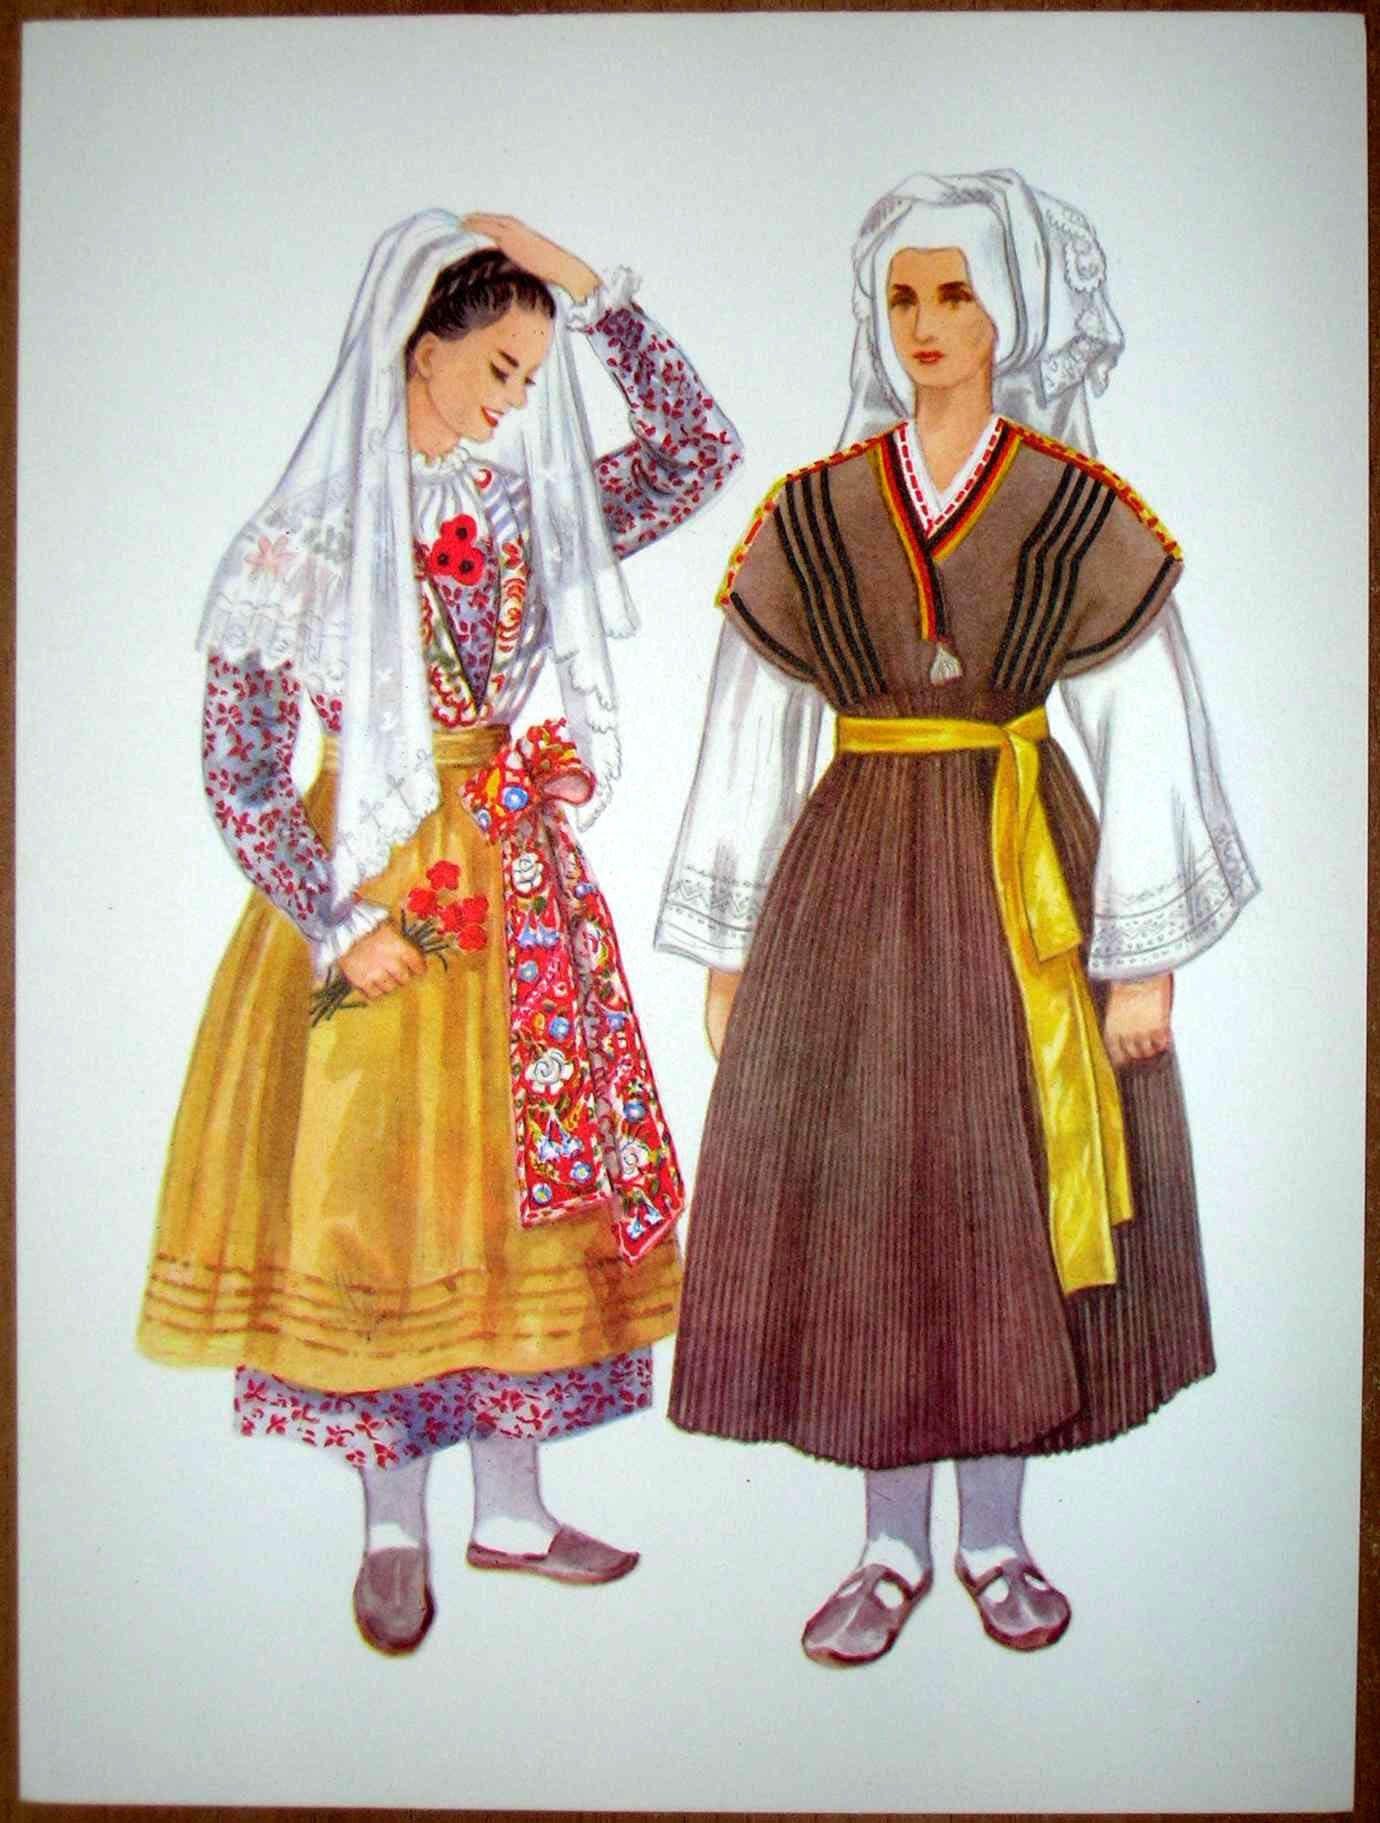 Slovenia Folk Costume - Solkan